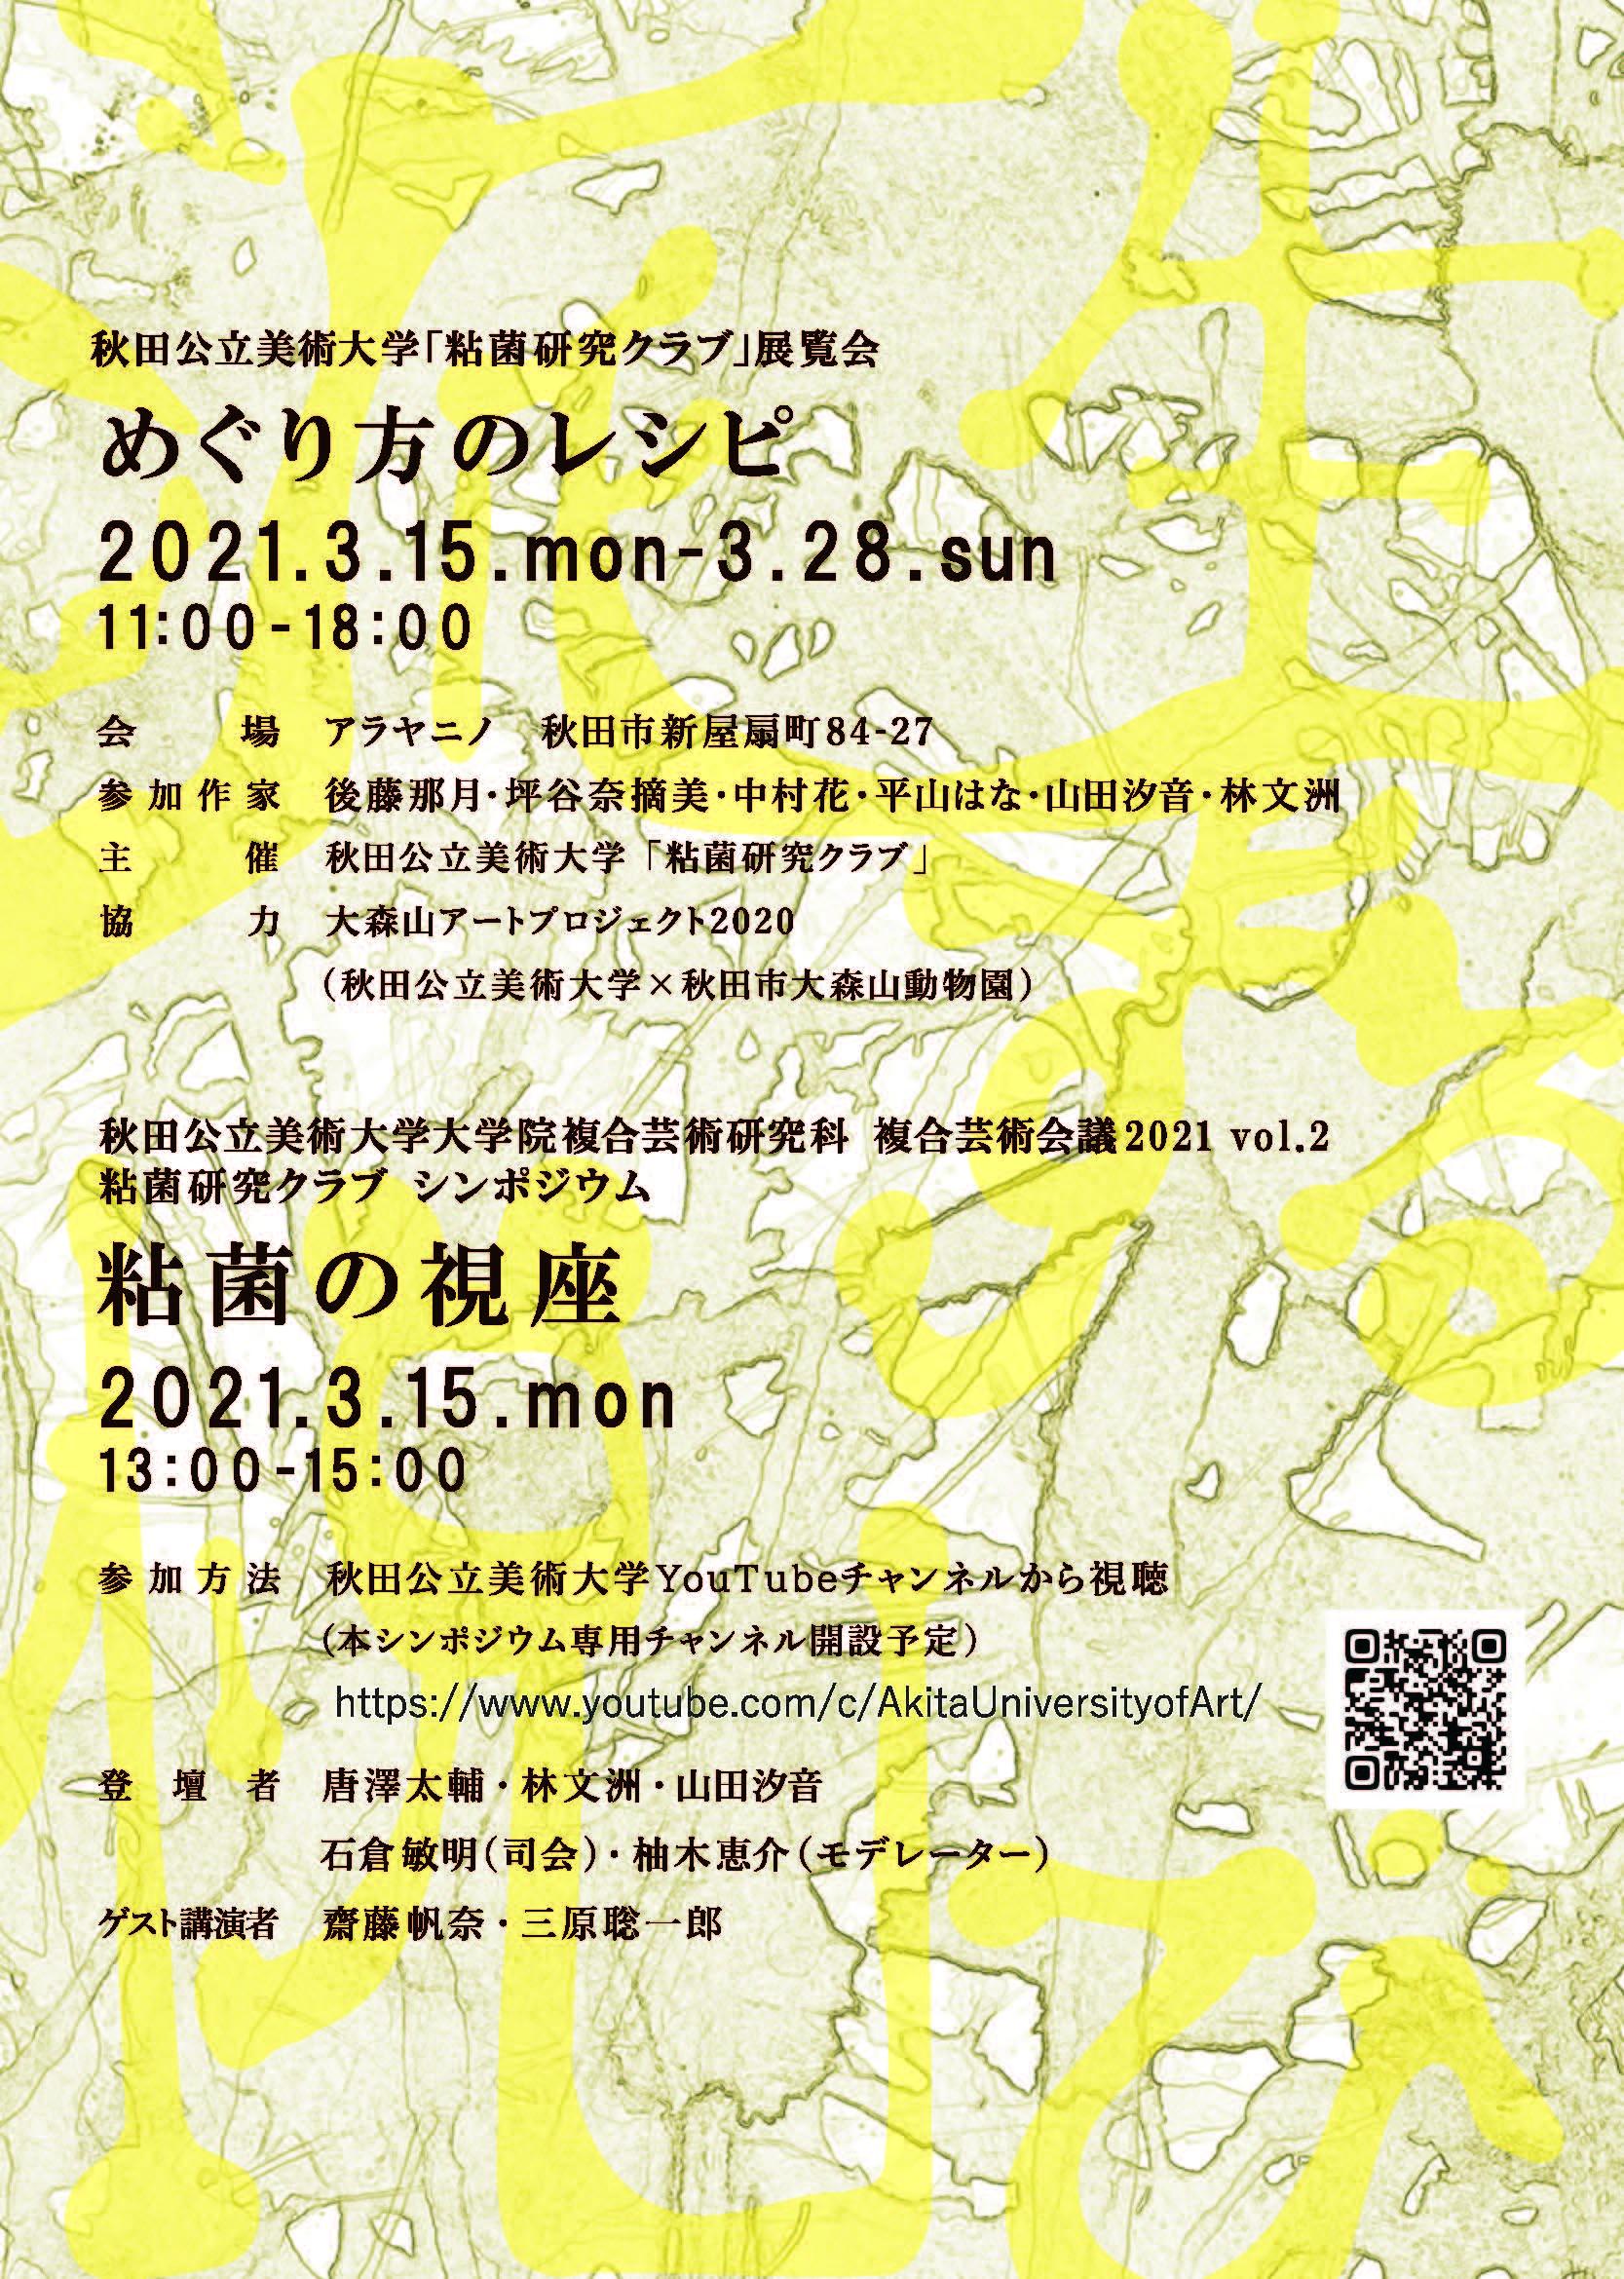 本学粘菌研究クラブによる展覧会「めぐり方のレシピ」とシンポジウム「粘菌の視座」(複合芸術会議2021vol.2)連動企画《派生する悦び》が開催されます